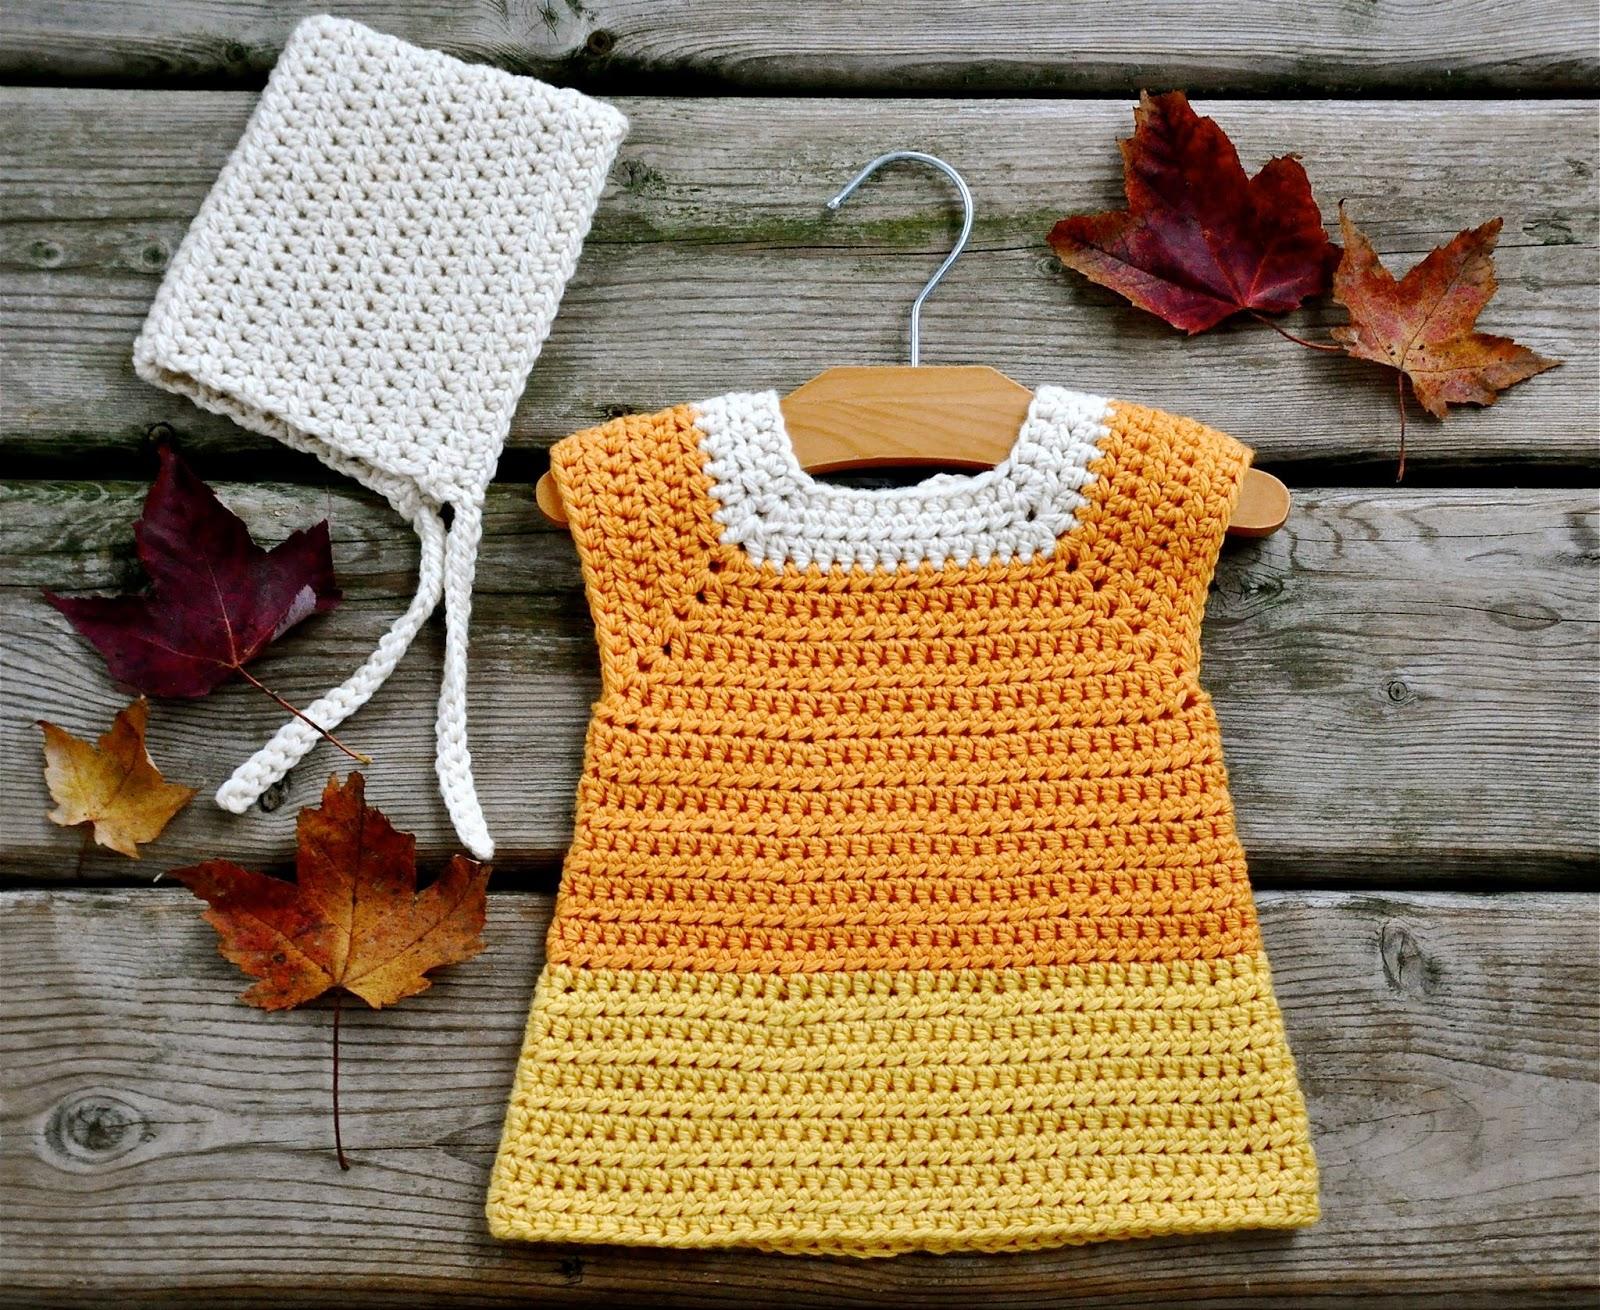 Free Pattern - Candy Corn Crochet Costume & Ball Hank nu0027 Skein: Free Pattern - Candy Corn Crochet Costume